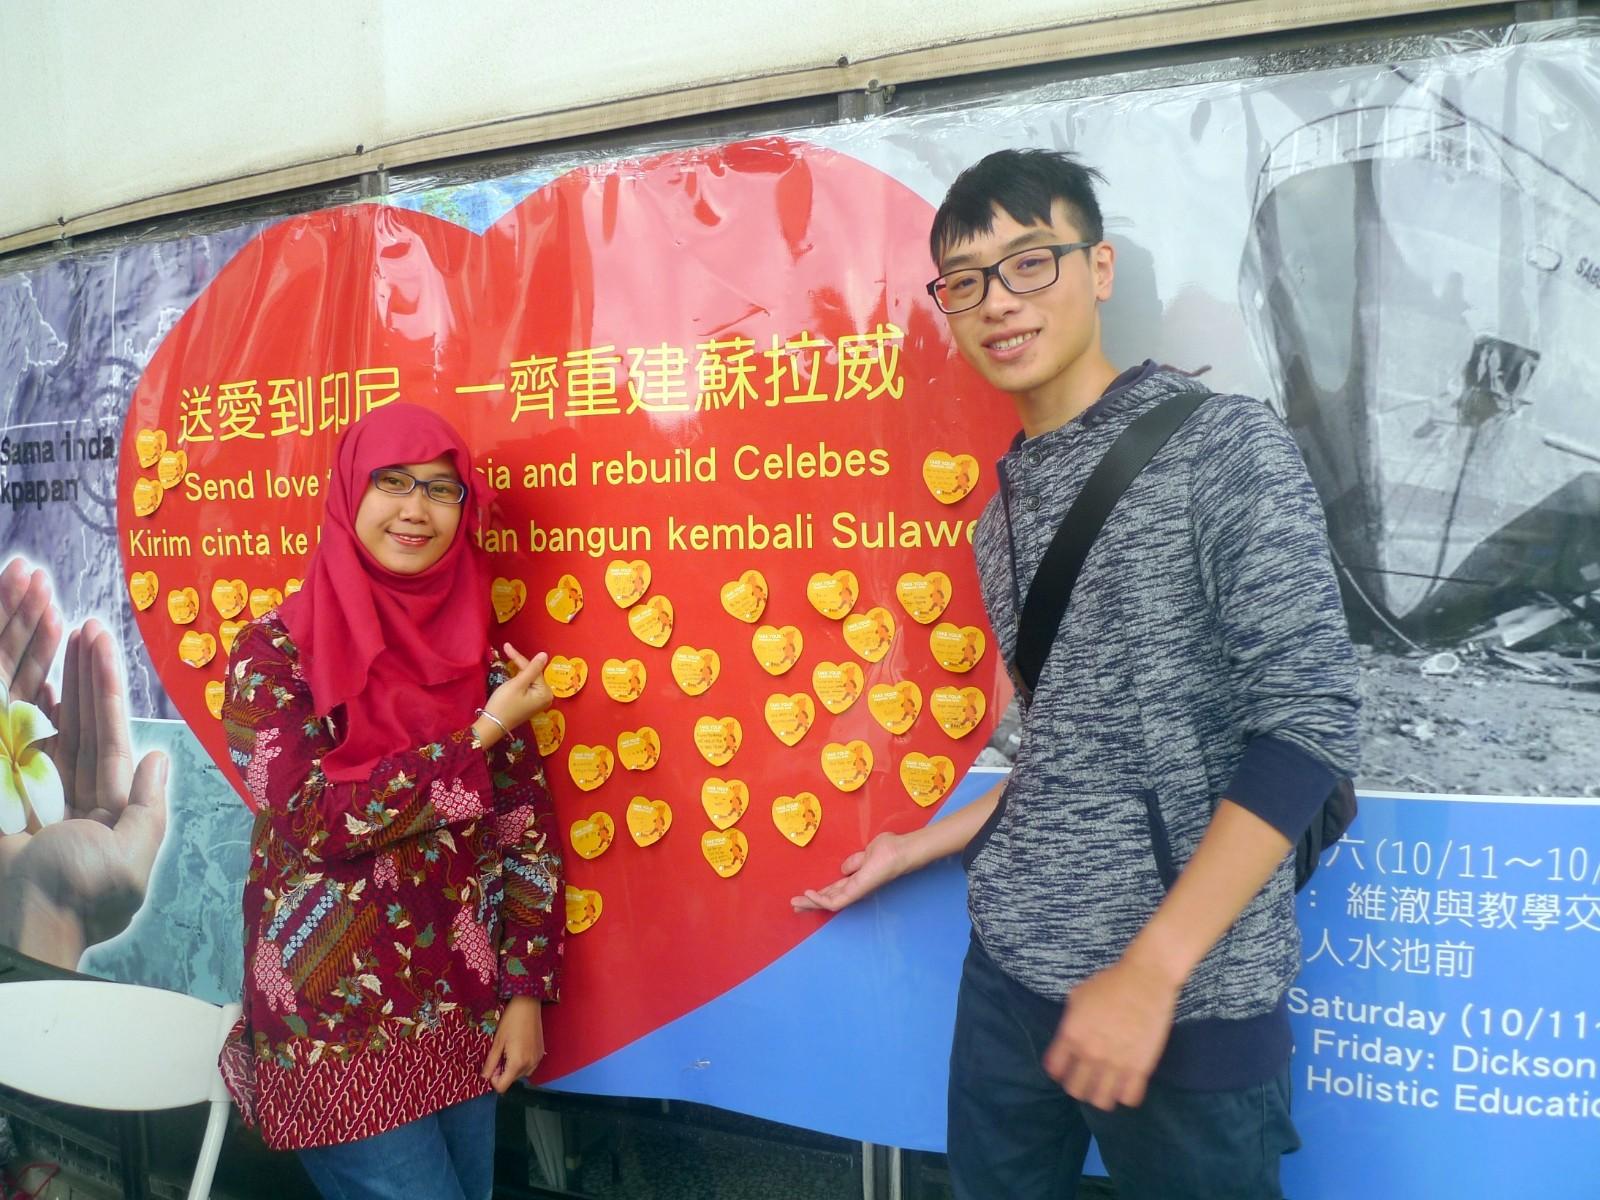 通稿照片04-中原大學「送愛到印尼」活動發起學生Sarah Mariska(圖左)感謝中原同學之愛以及台灣對印尼的關懷.JPG